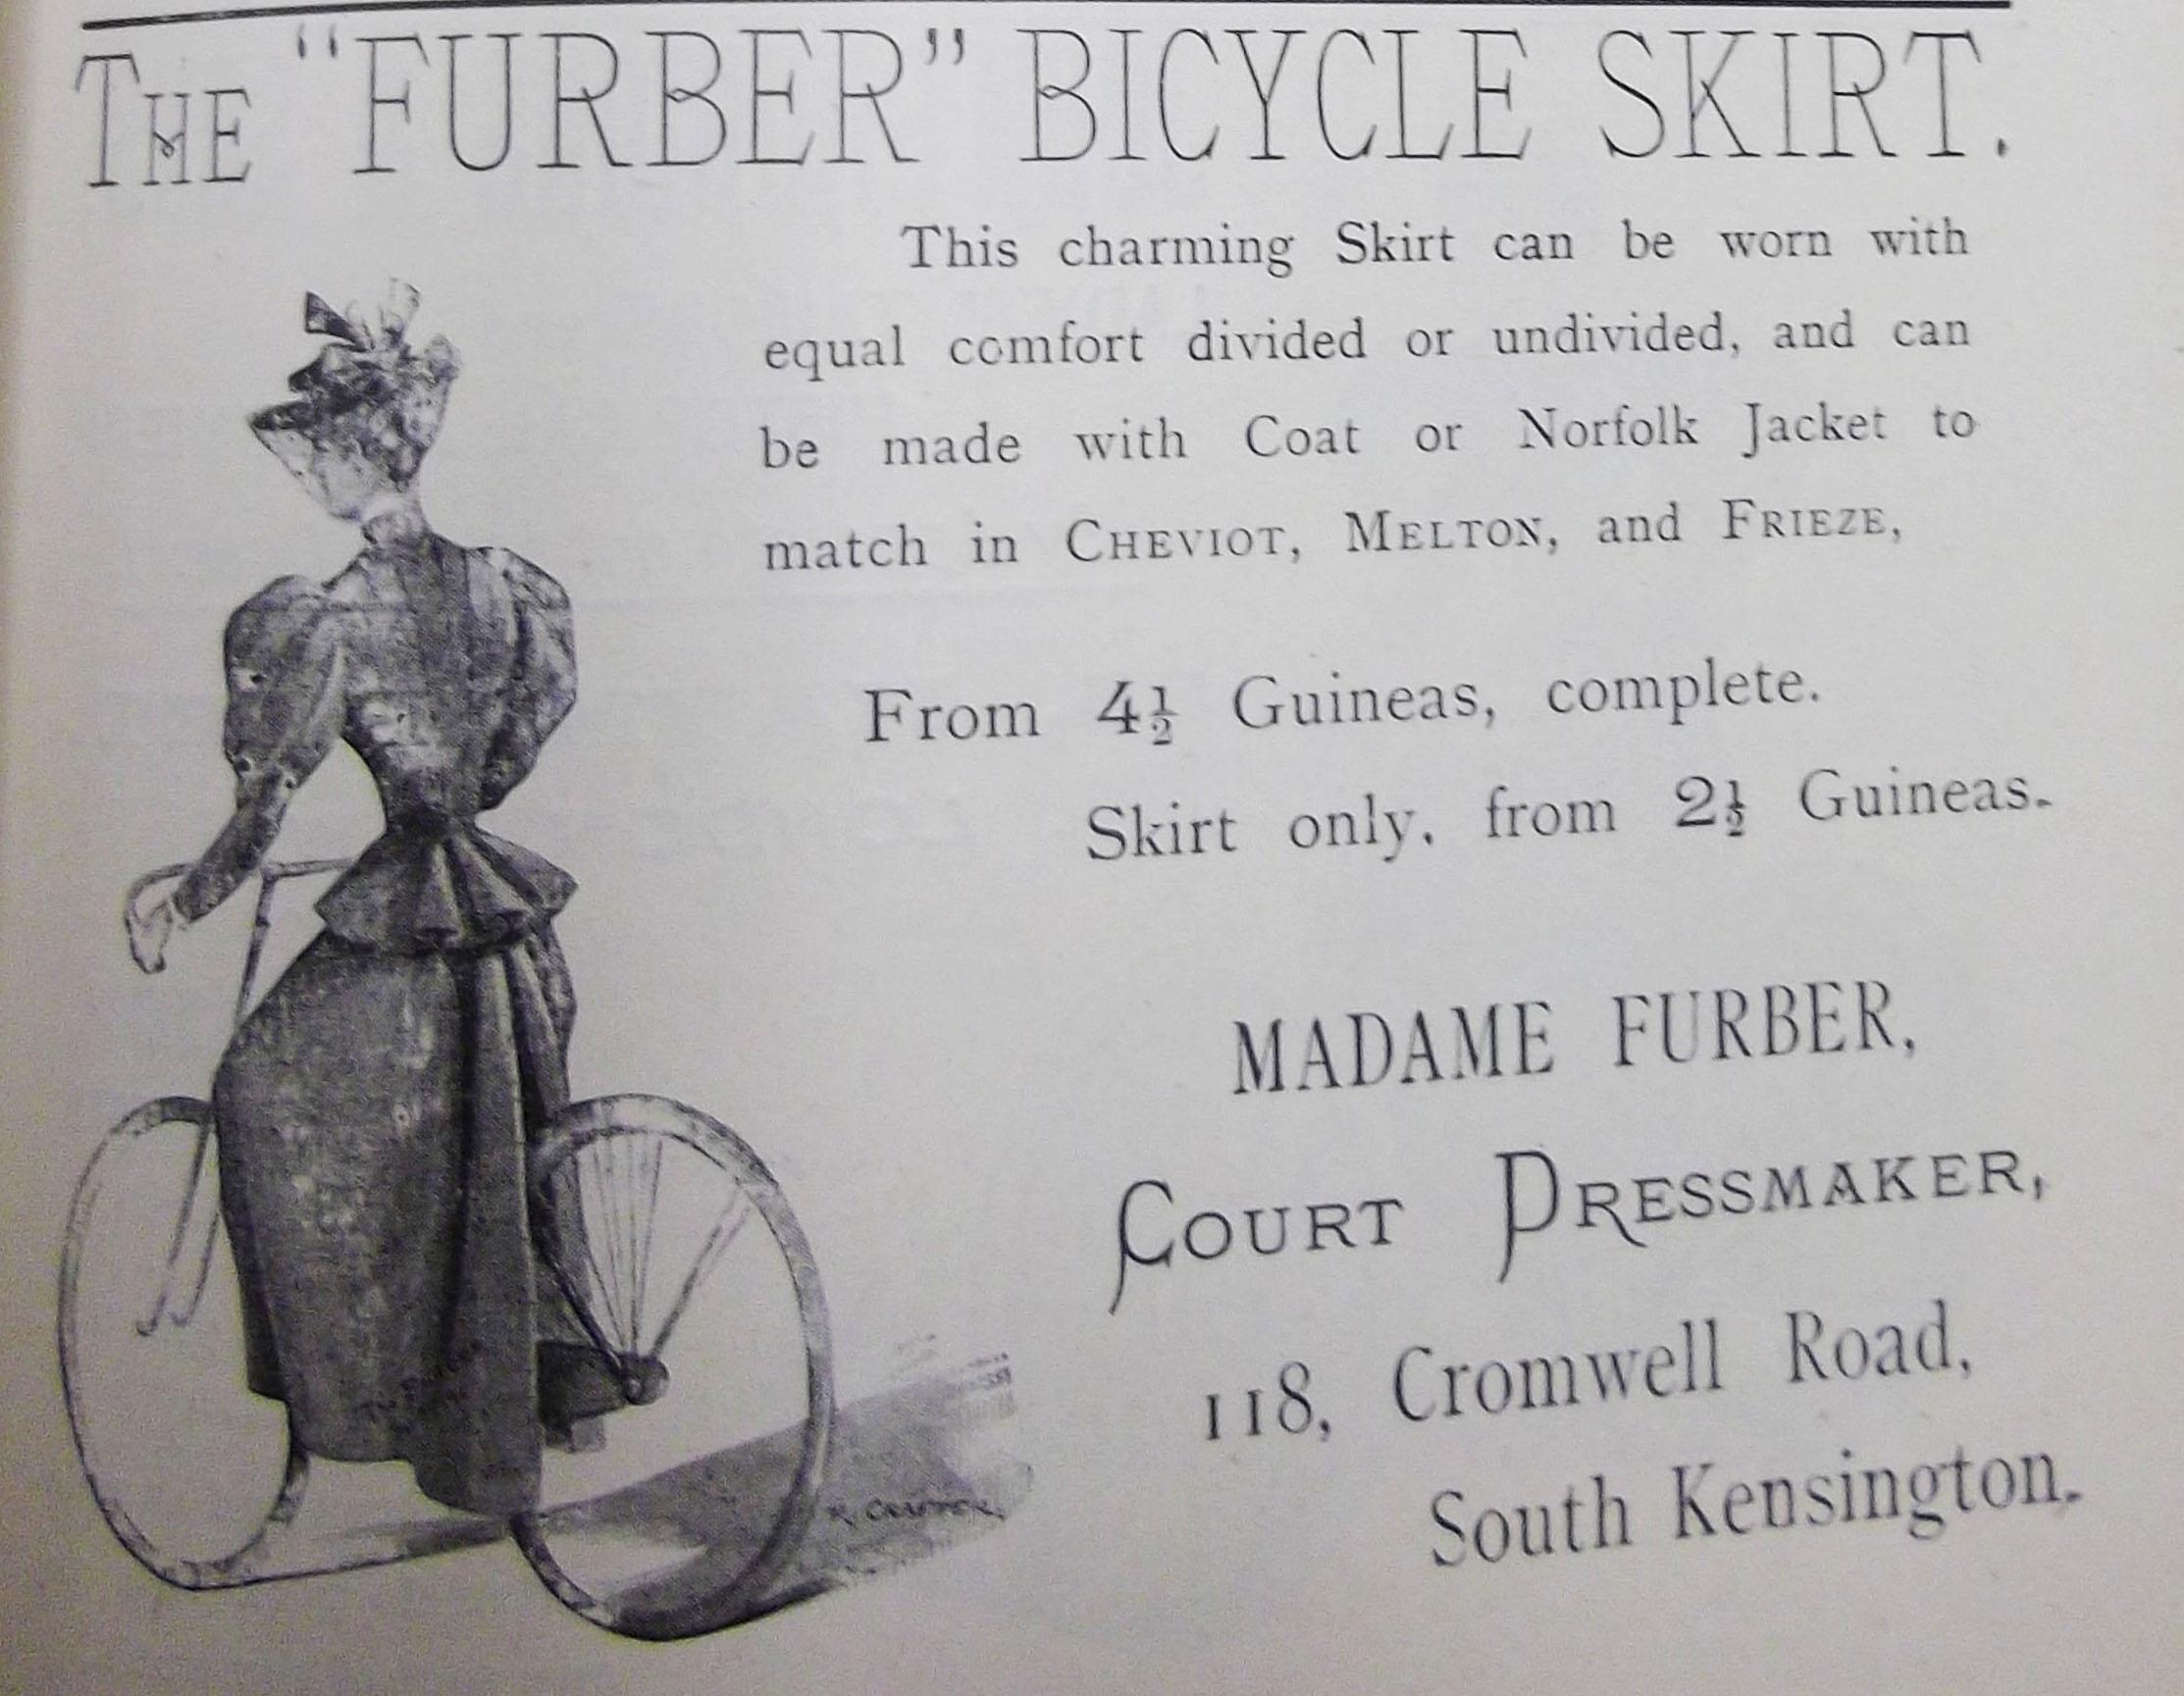 LC pt 1, vol2, Mar 1896 - furber skirt by court dressmaker